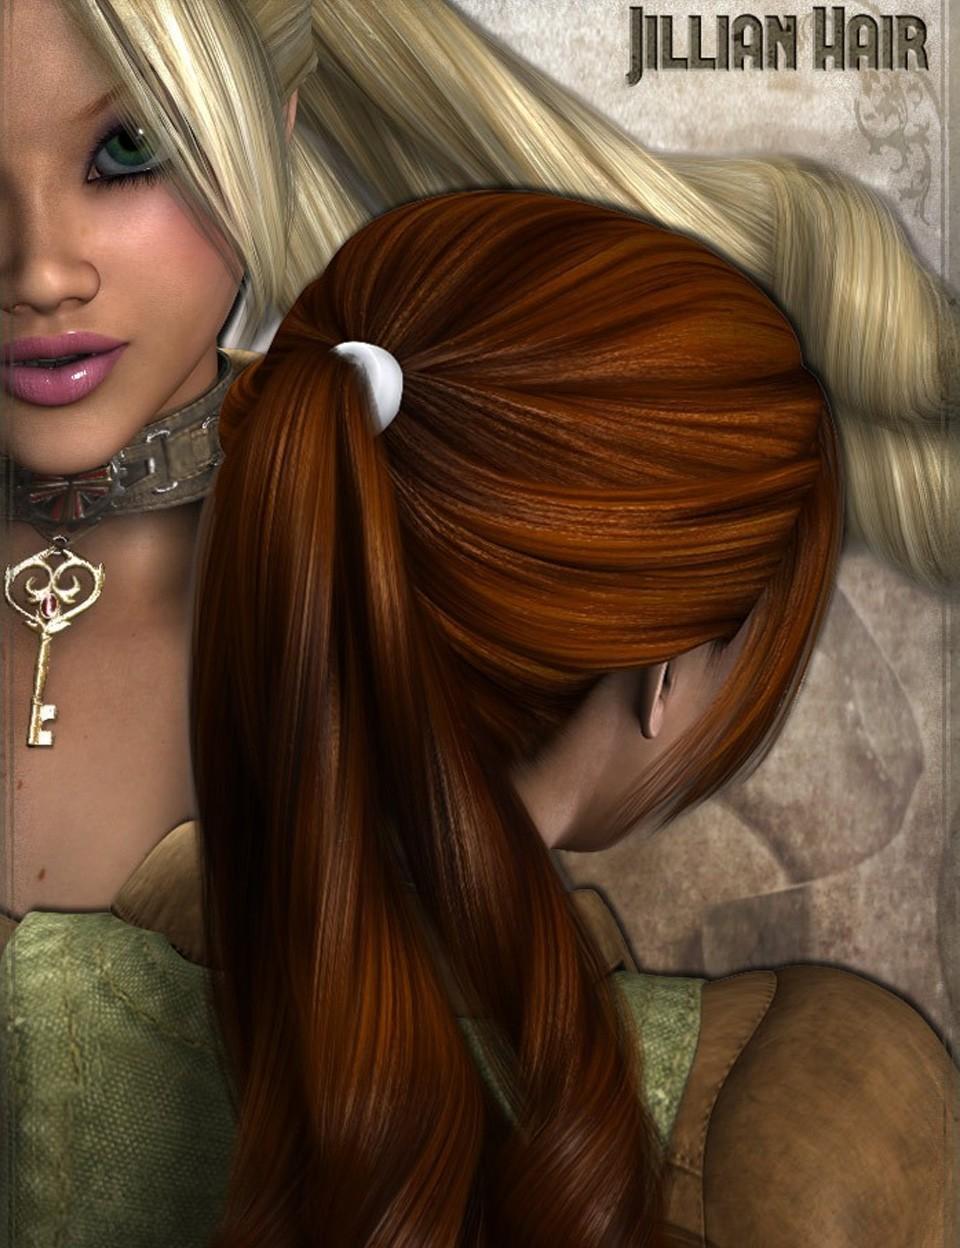 Jillian Hair for V4